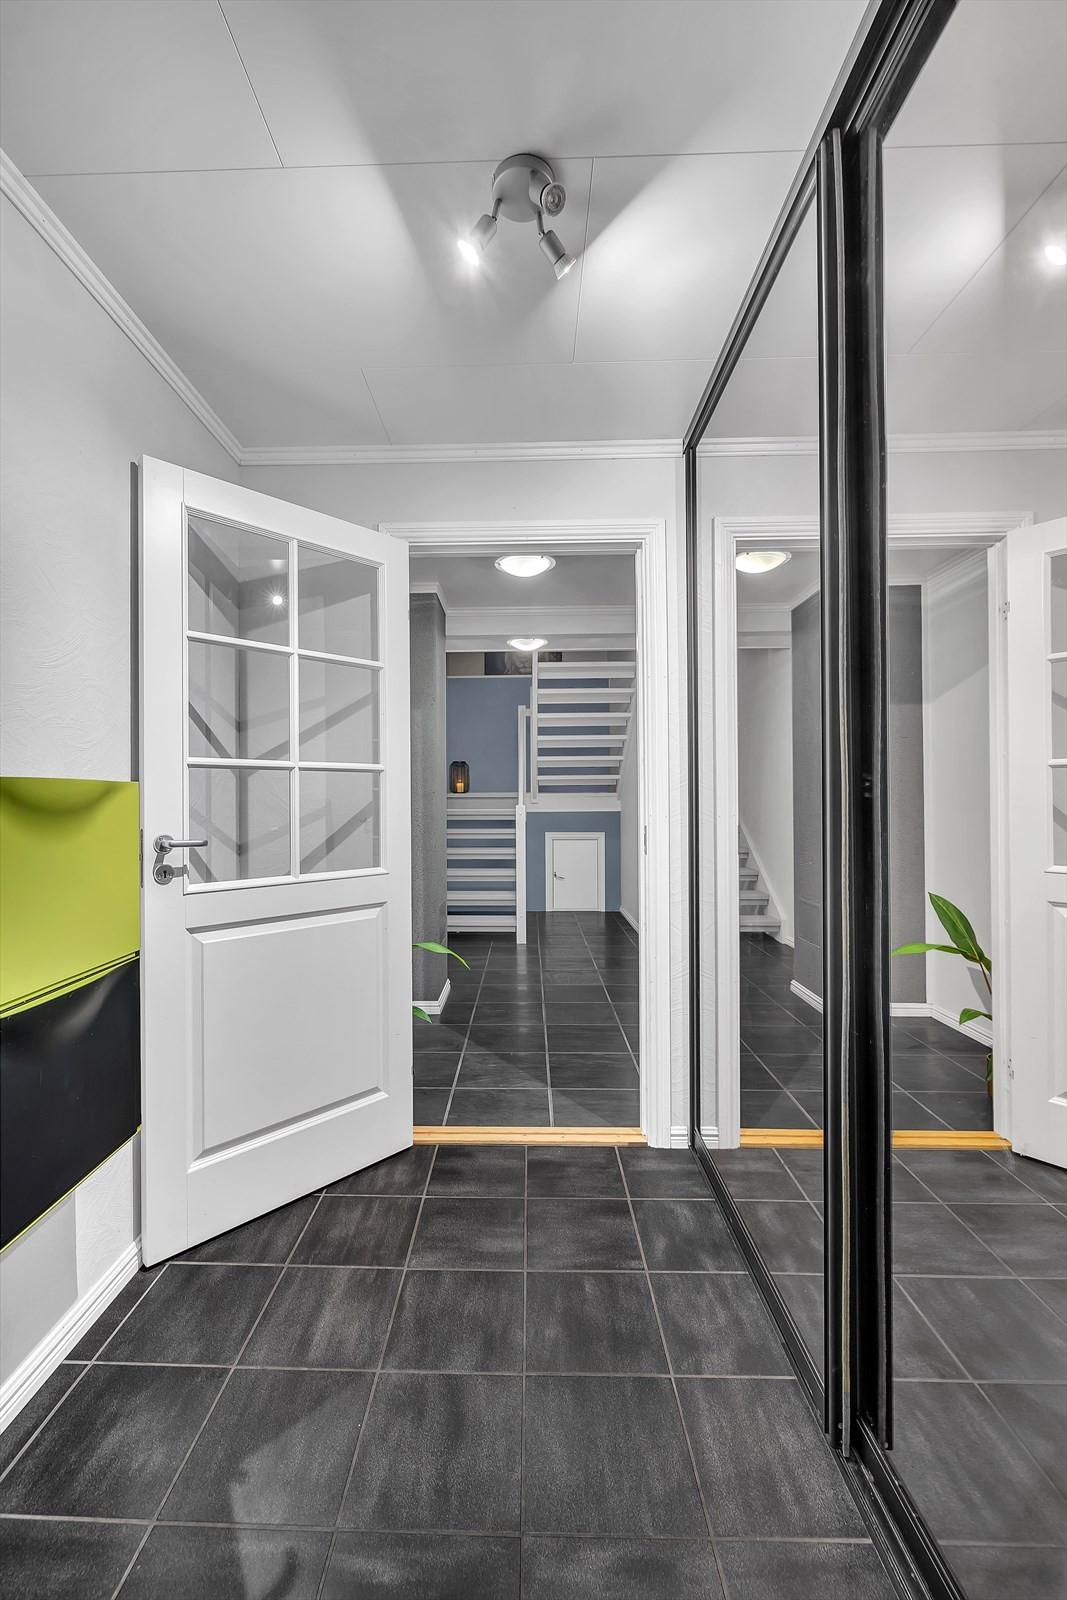 Gang med fliser med gulvvarme og stor garderobe med speilfronter